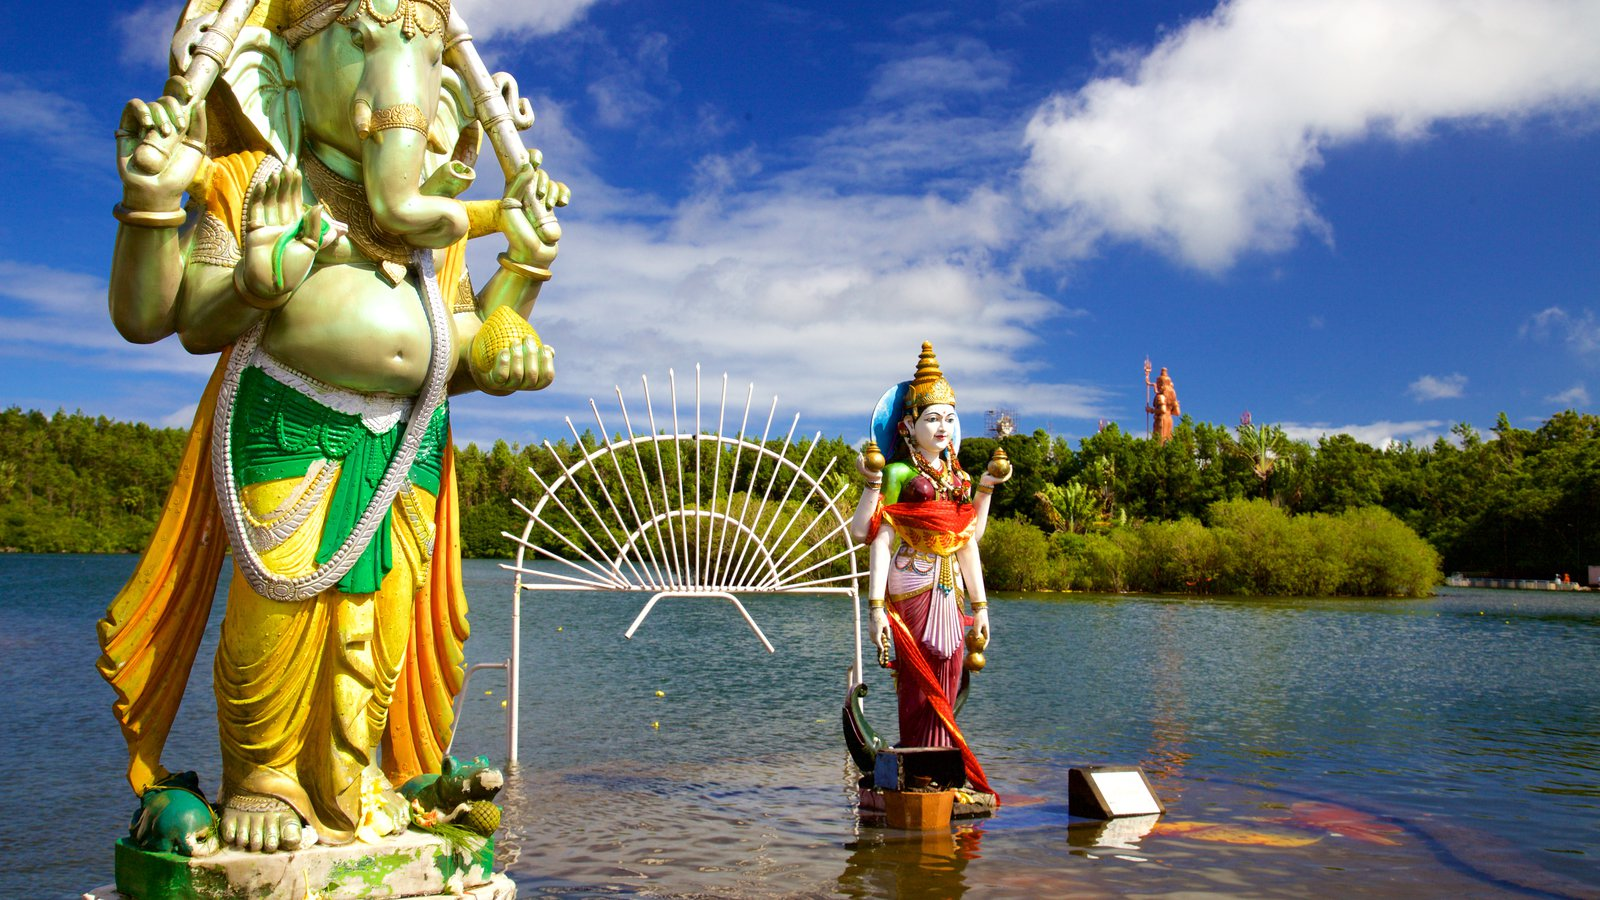 معبد هندوهای گرند باسین موریس